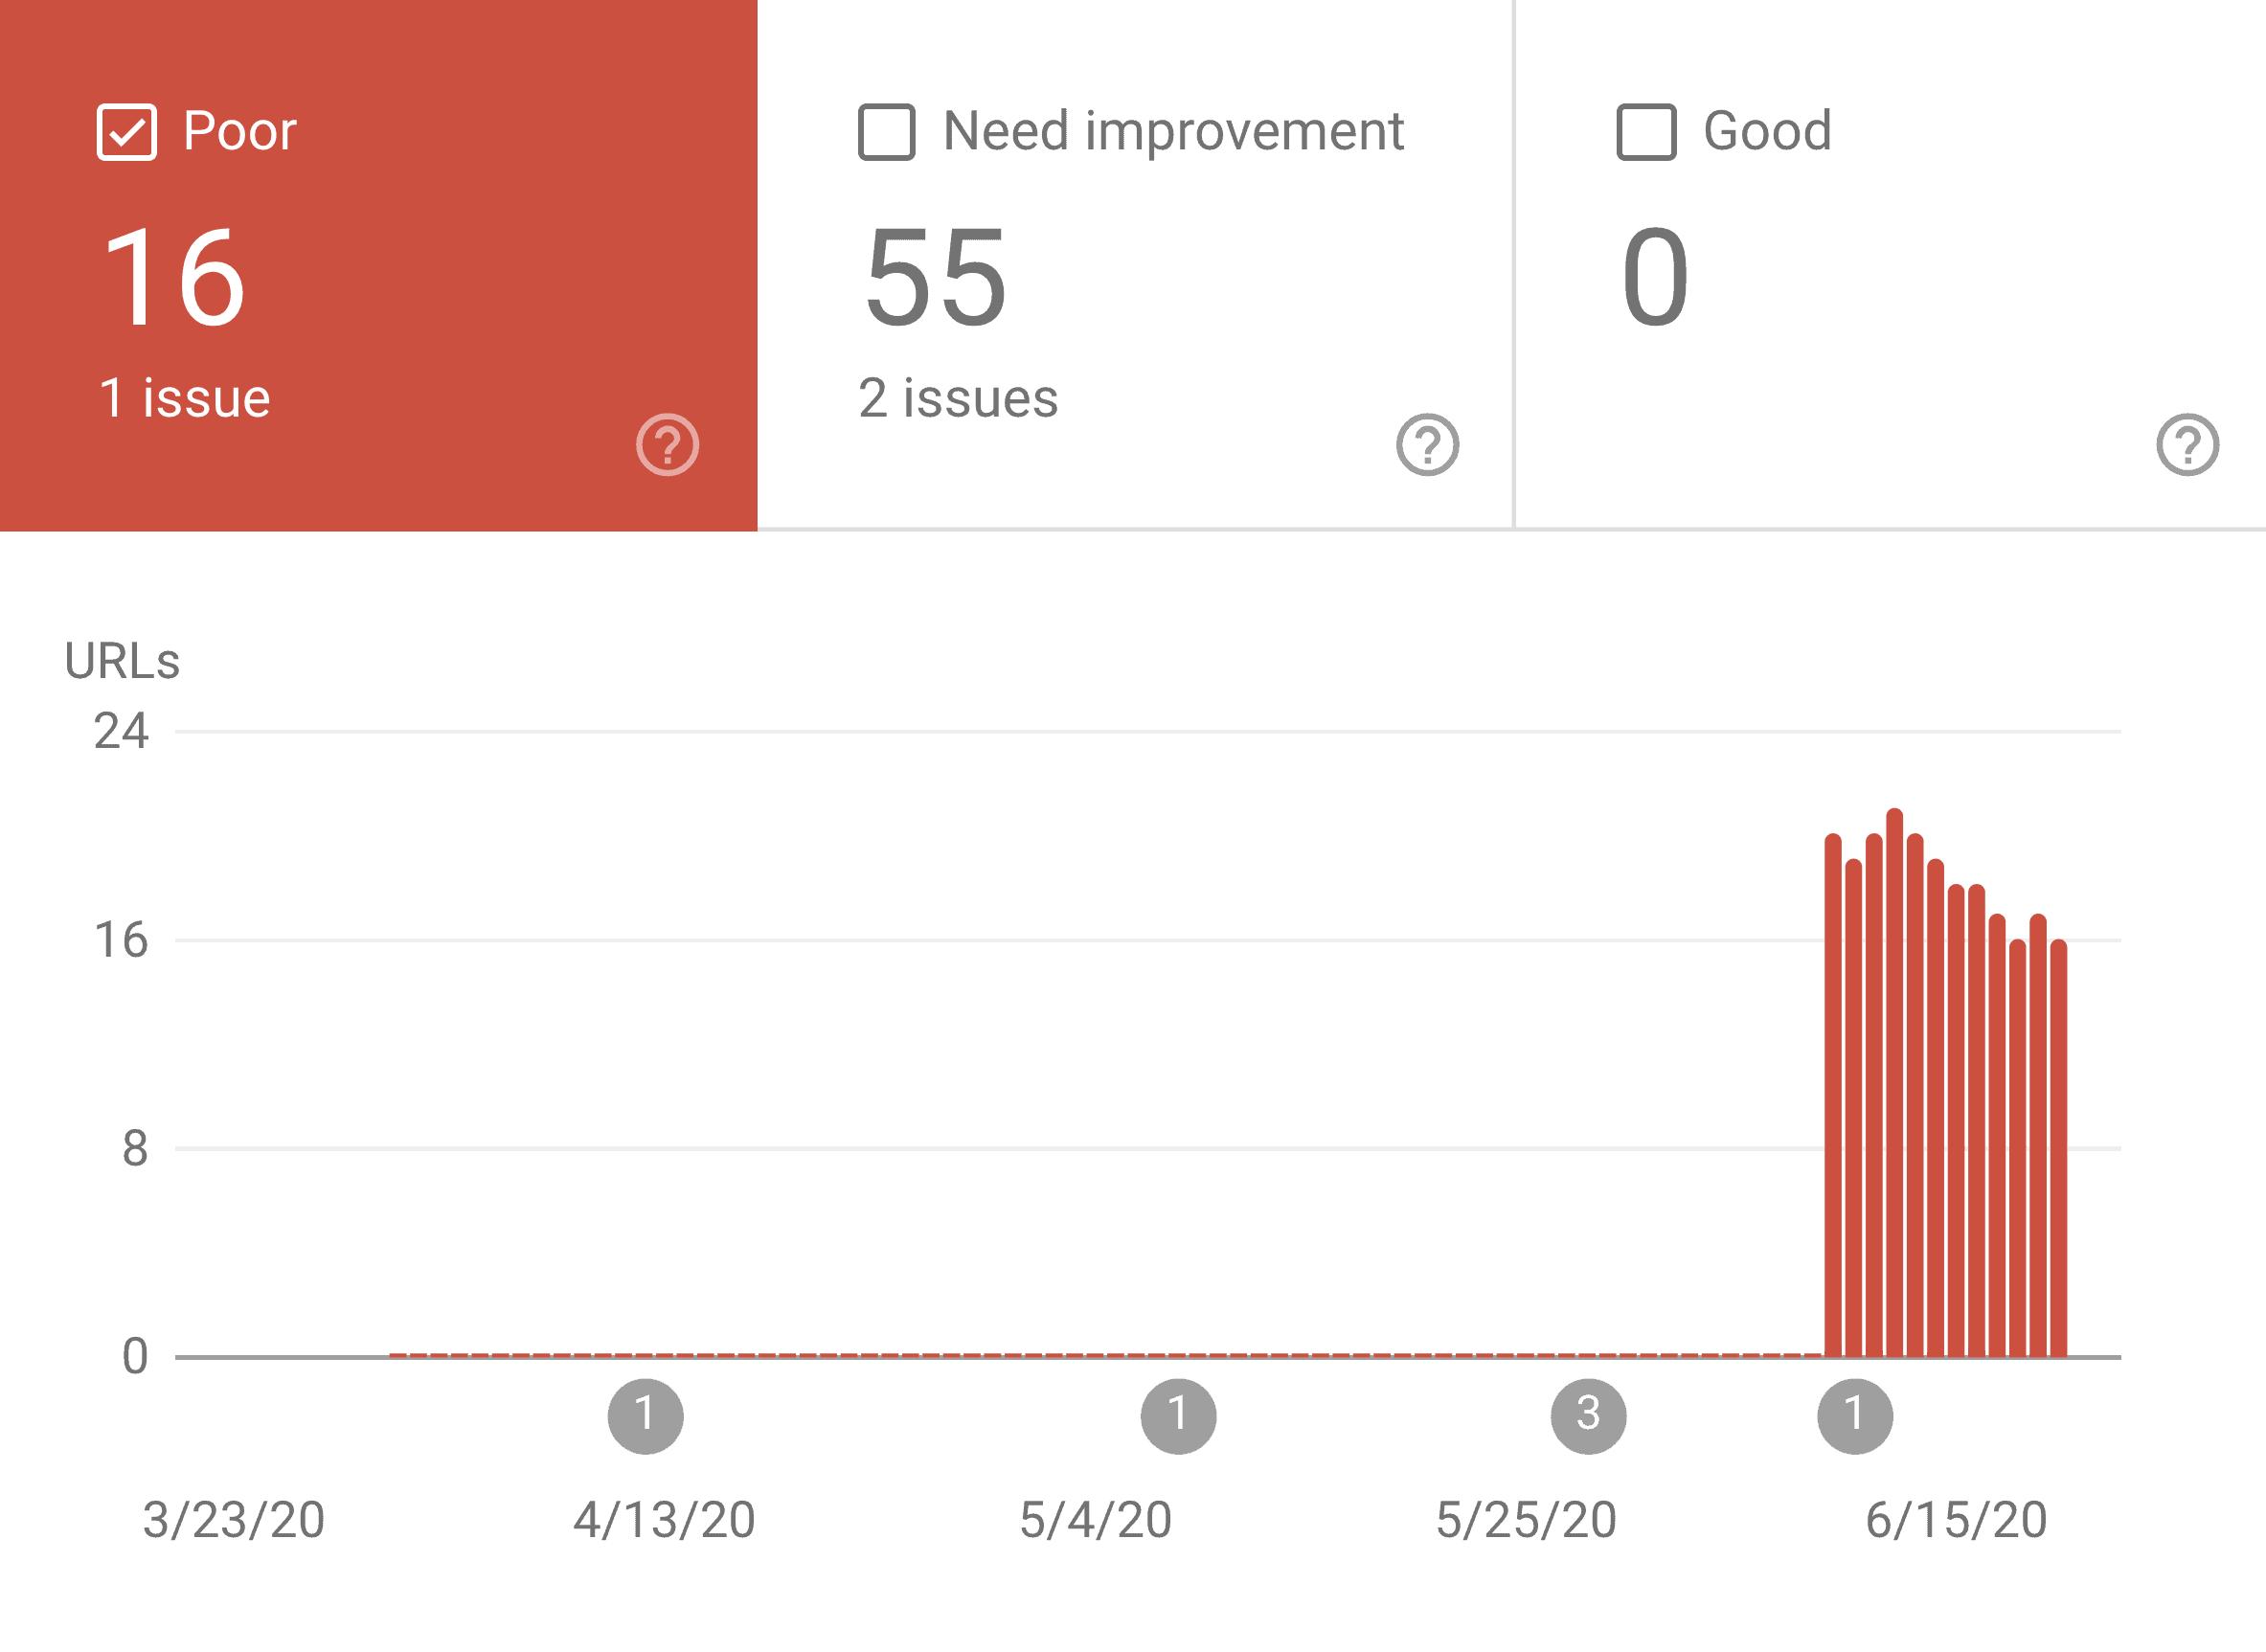 Google Core Web Vitals report breakdown